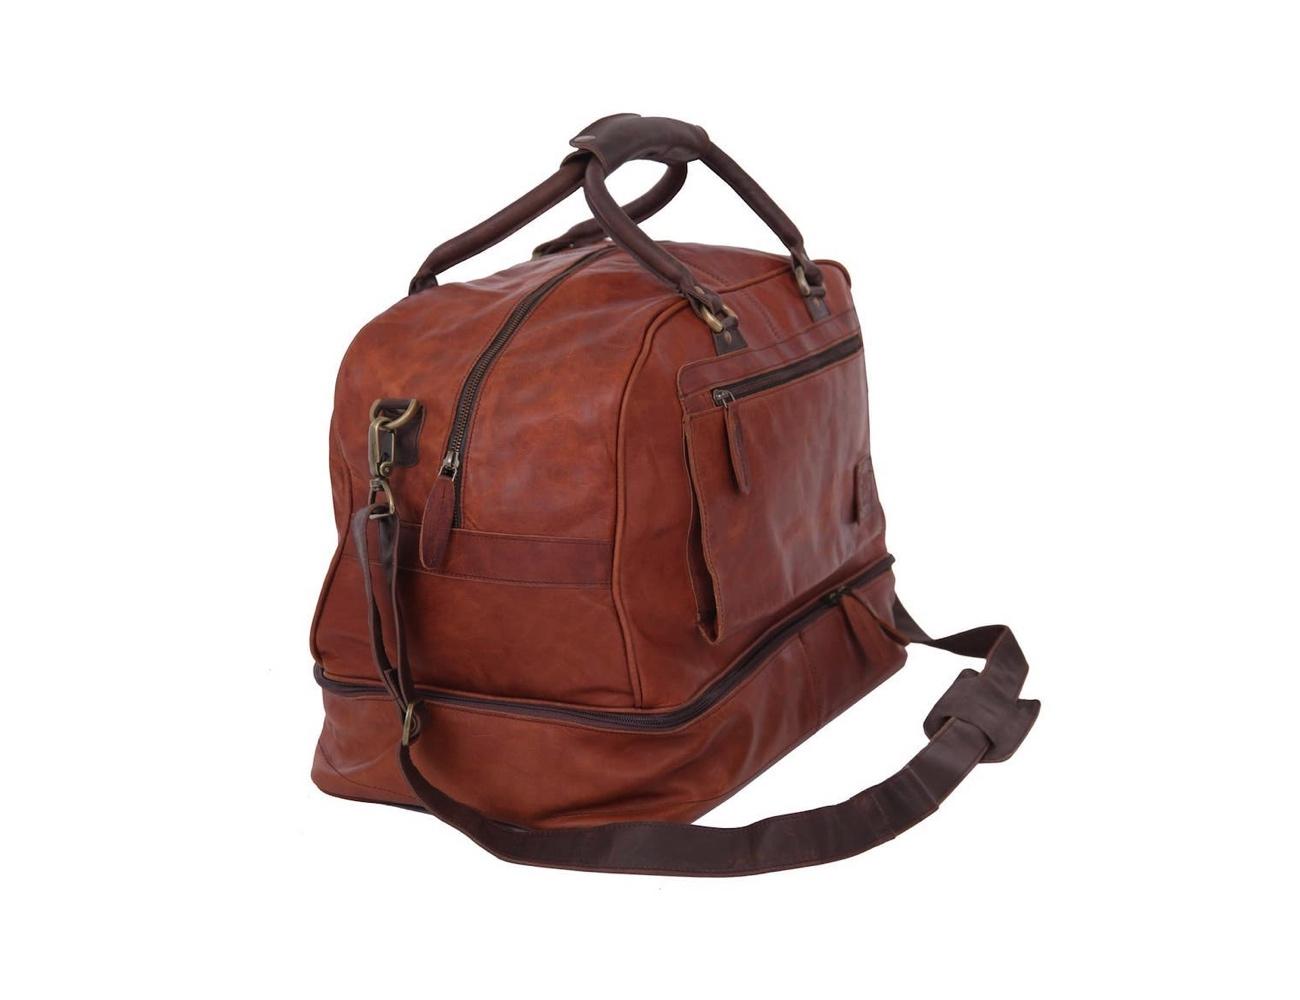 MAHI Leather Raleigh Travel Holdall Bag